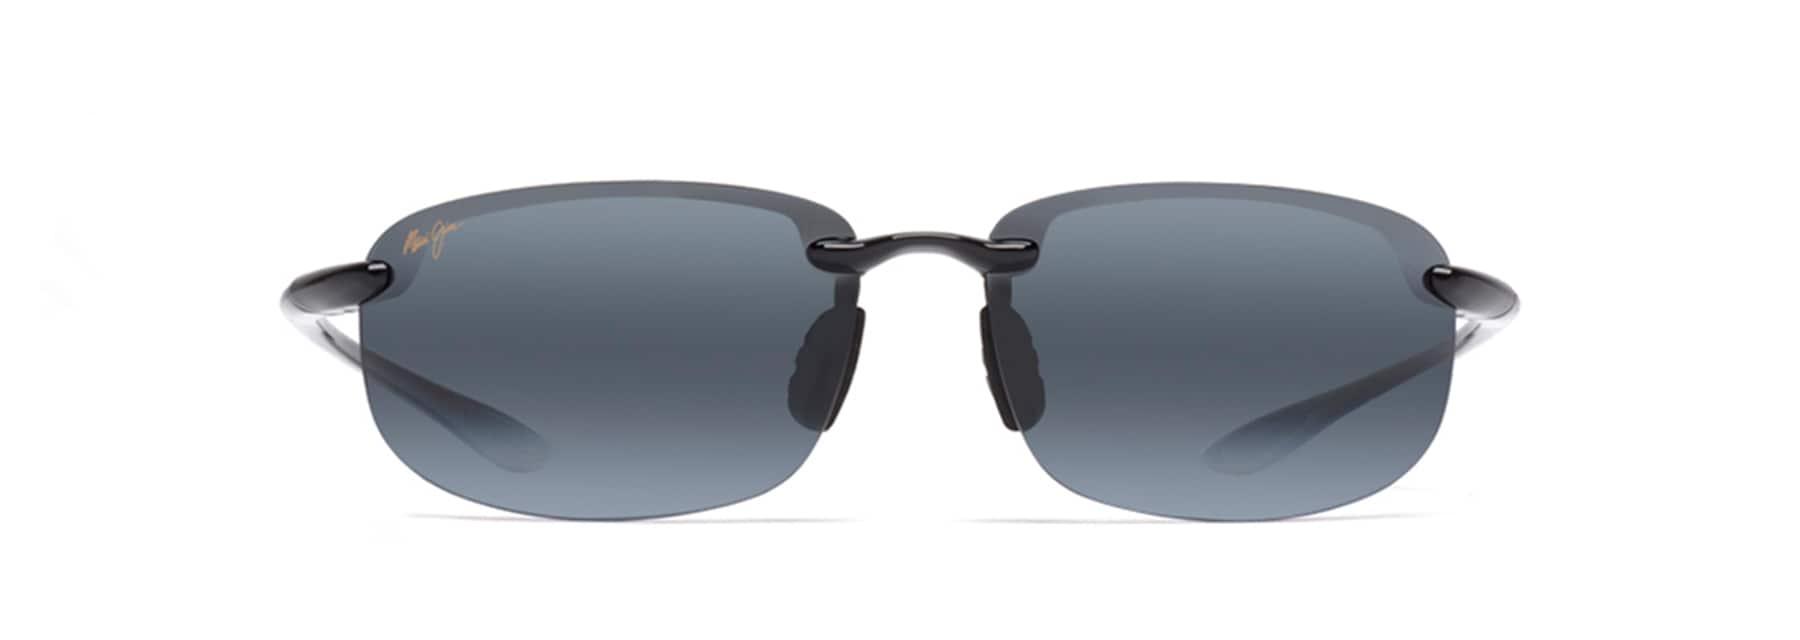 Ho okipa Universal Fit lunettes de soleil polarisées   Maui Jim® 9a9d36331e82